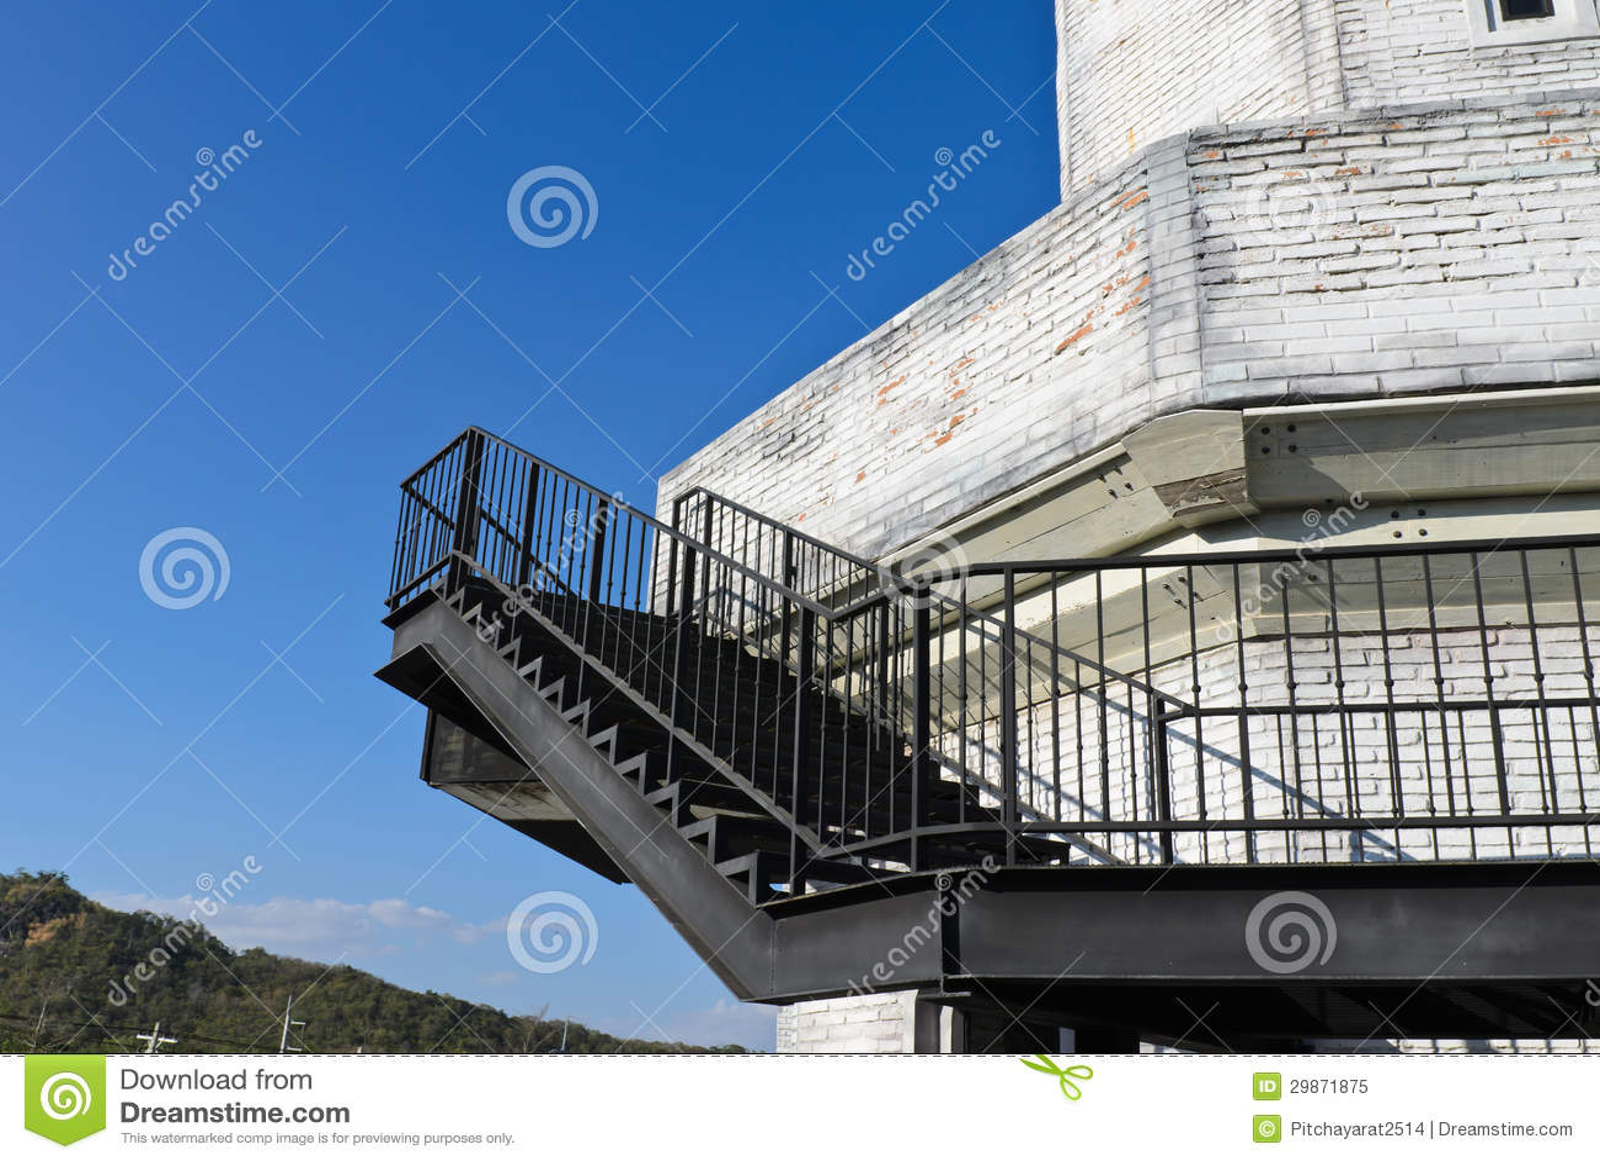 De trap van het staal buiten het gebouw stock afbeelding afbeelding 29871875 - De trap van de bistro ...